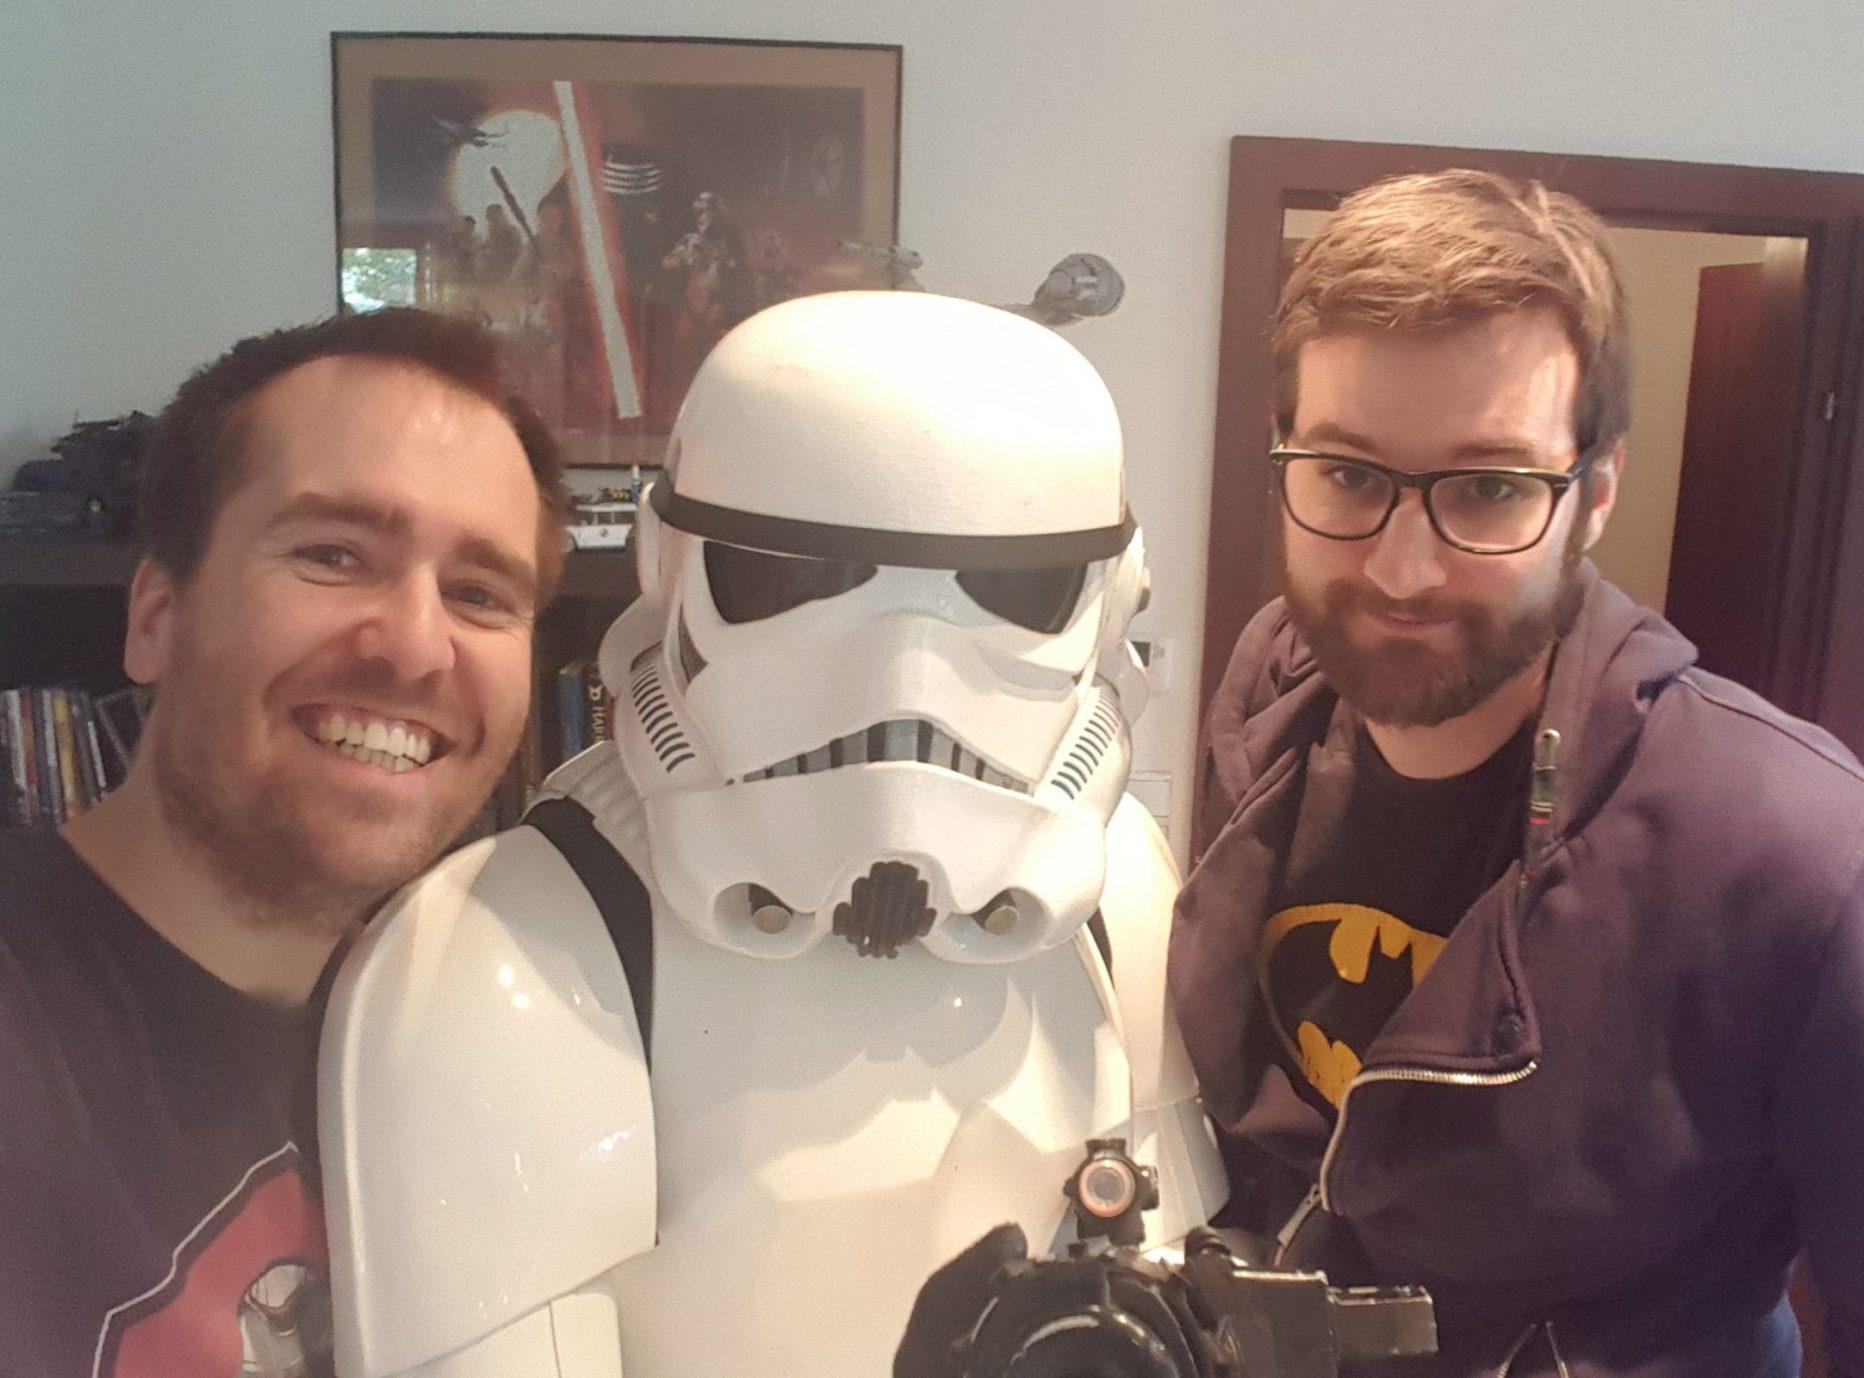 Markus von der 510st Austrian Garrison war zu Gast, um die Star Wars News zu diskutieren